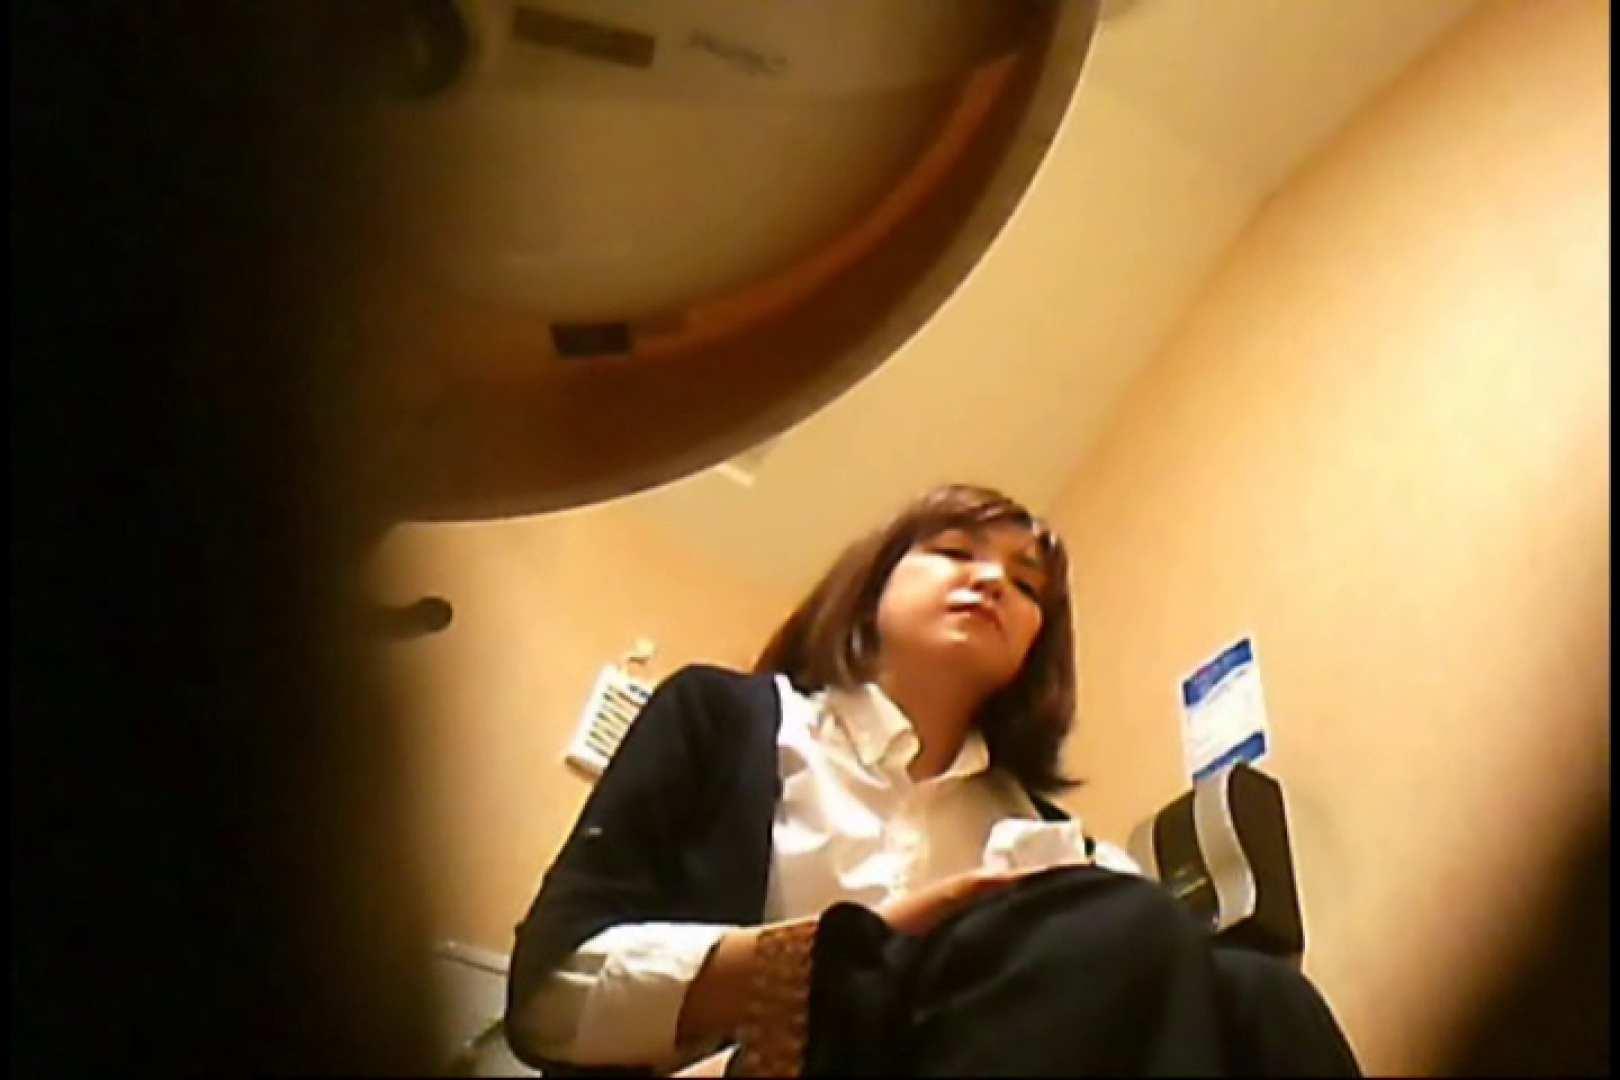 潜入!!女子化粧室盗撮~絶対見られたくない時間~vo,42 潜入 | Hなお姉さん  88pic 5